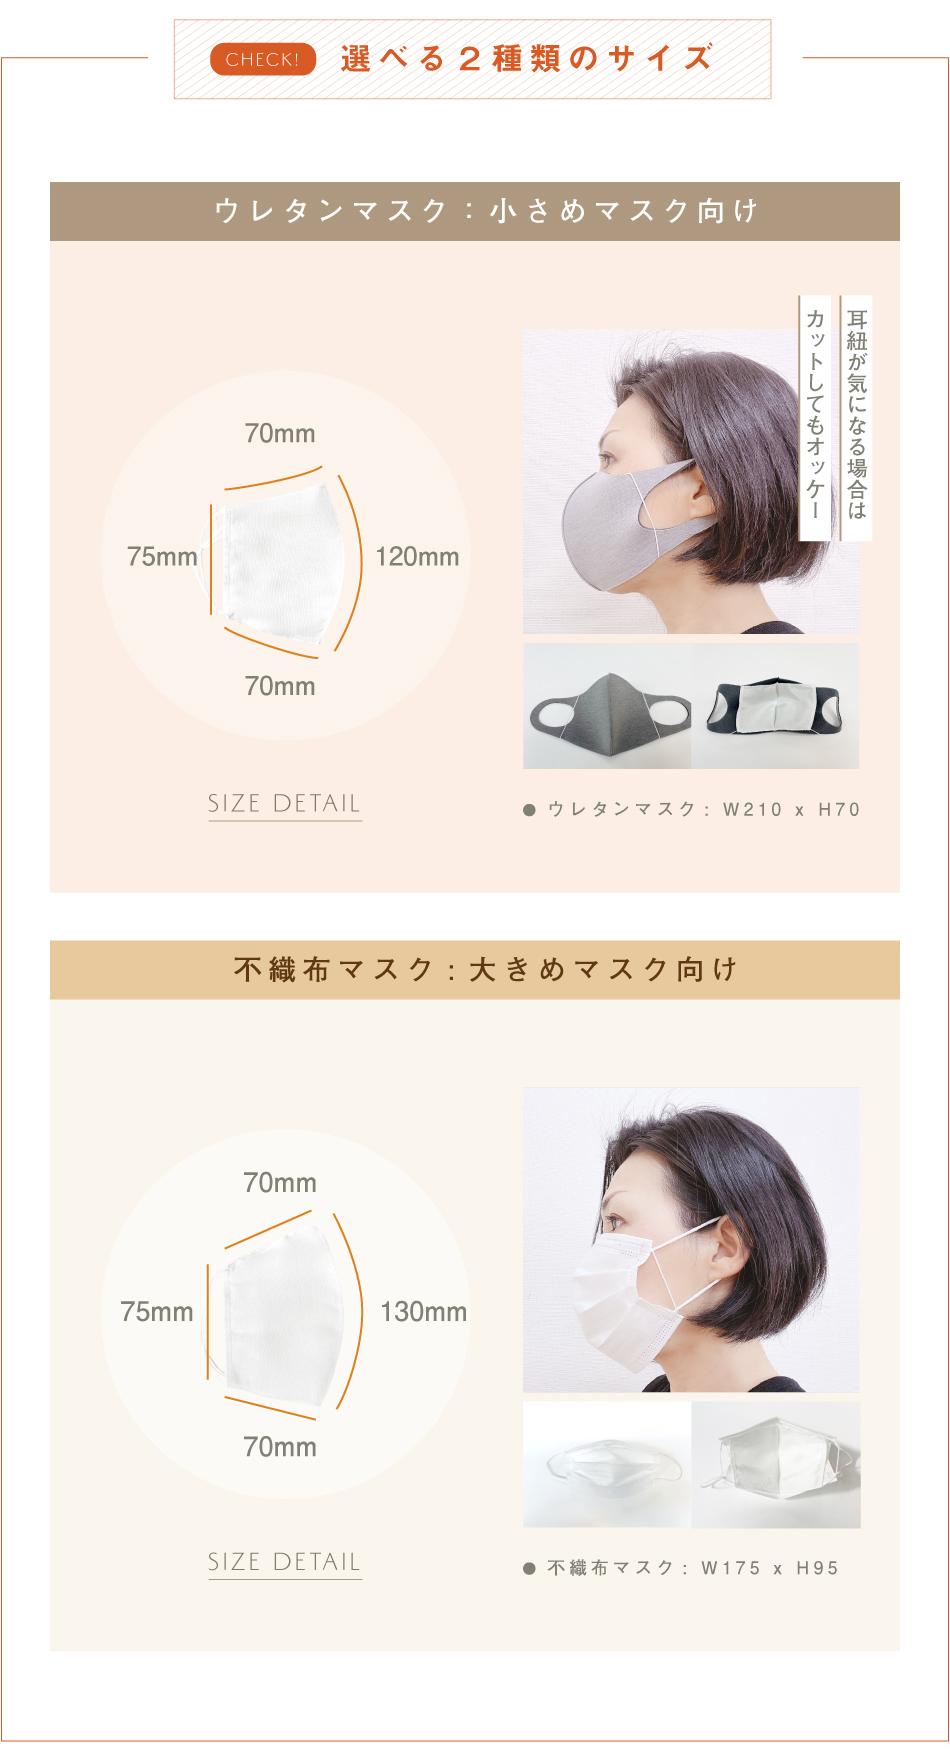 シルクインナーマスク,シルクマスク,ウレタンマスク,不織布マスク,布マスク,呼吸がしやすい,ズレ落ちない